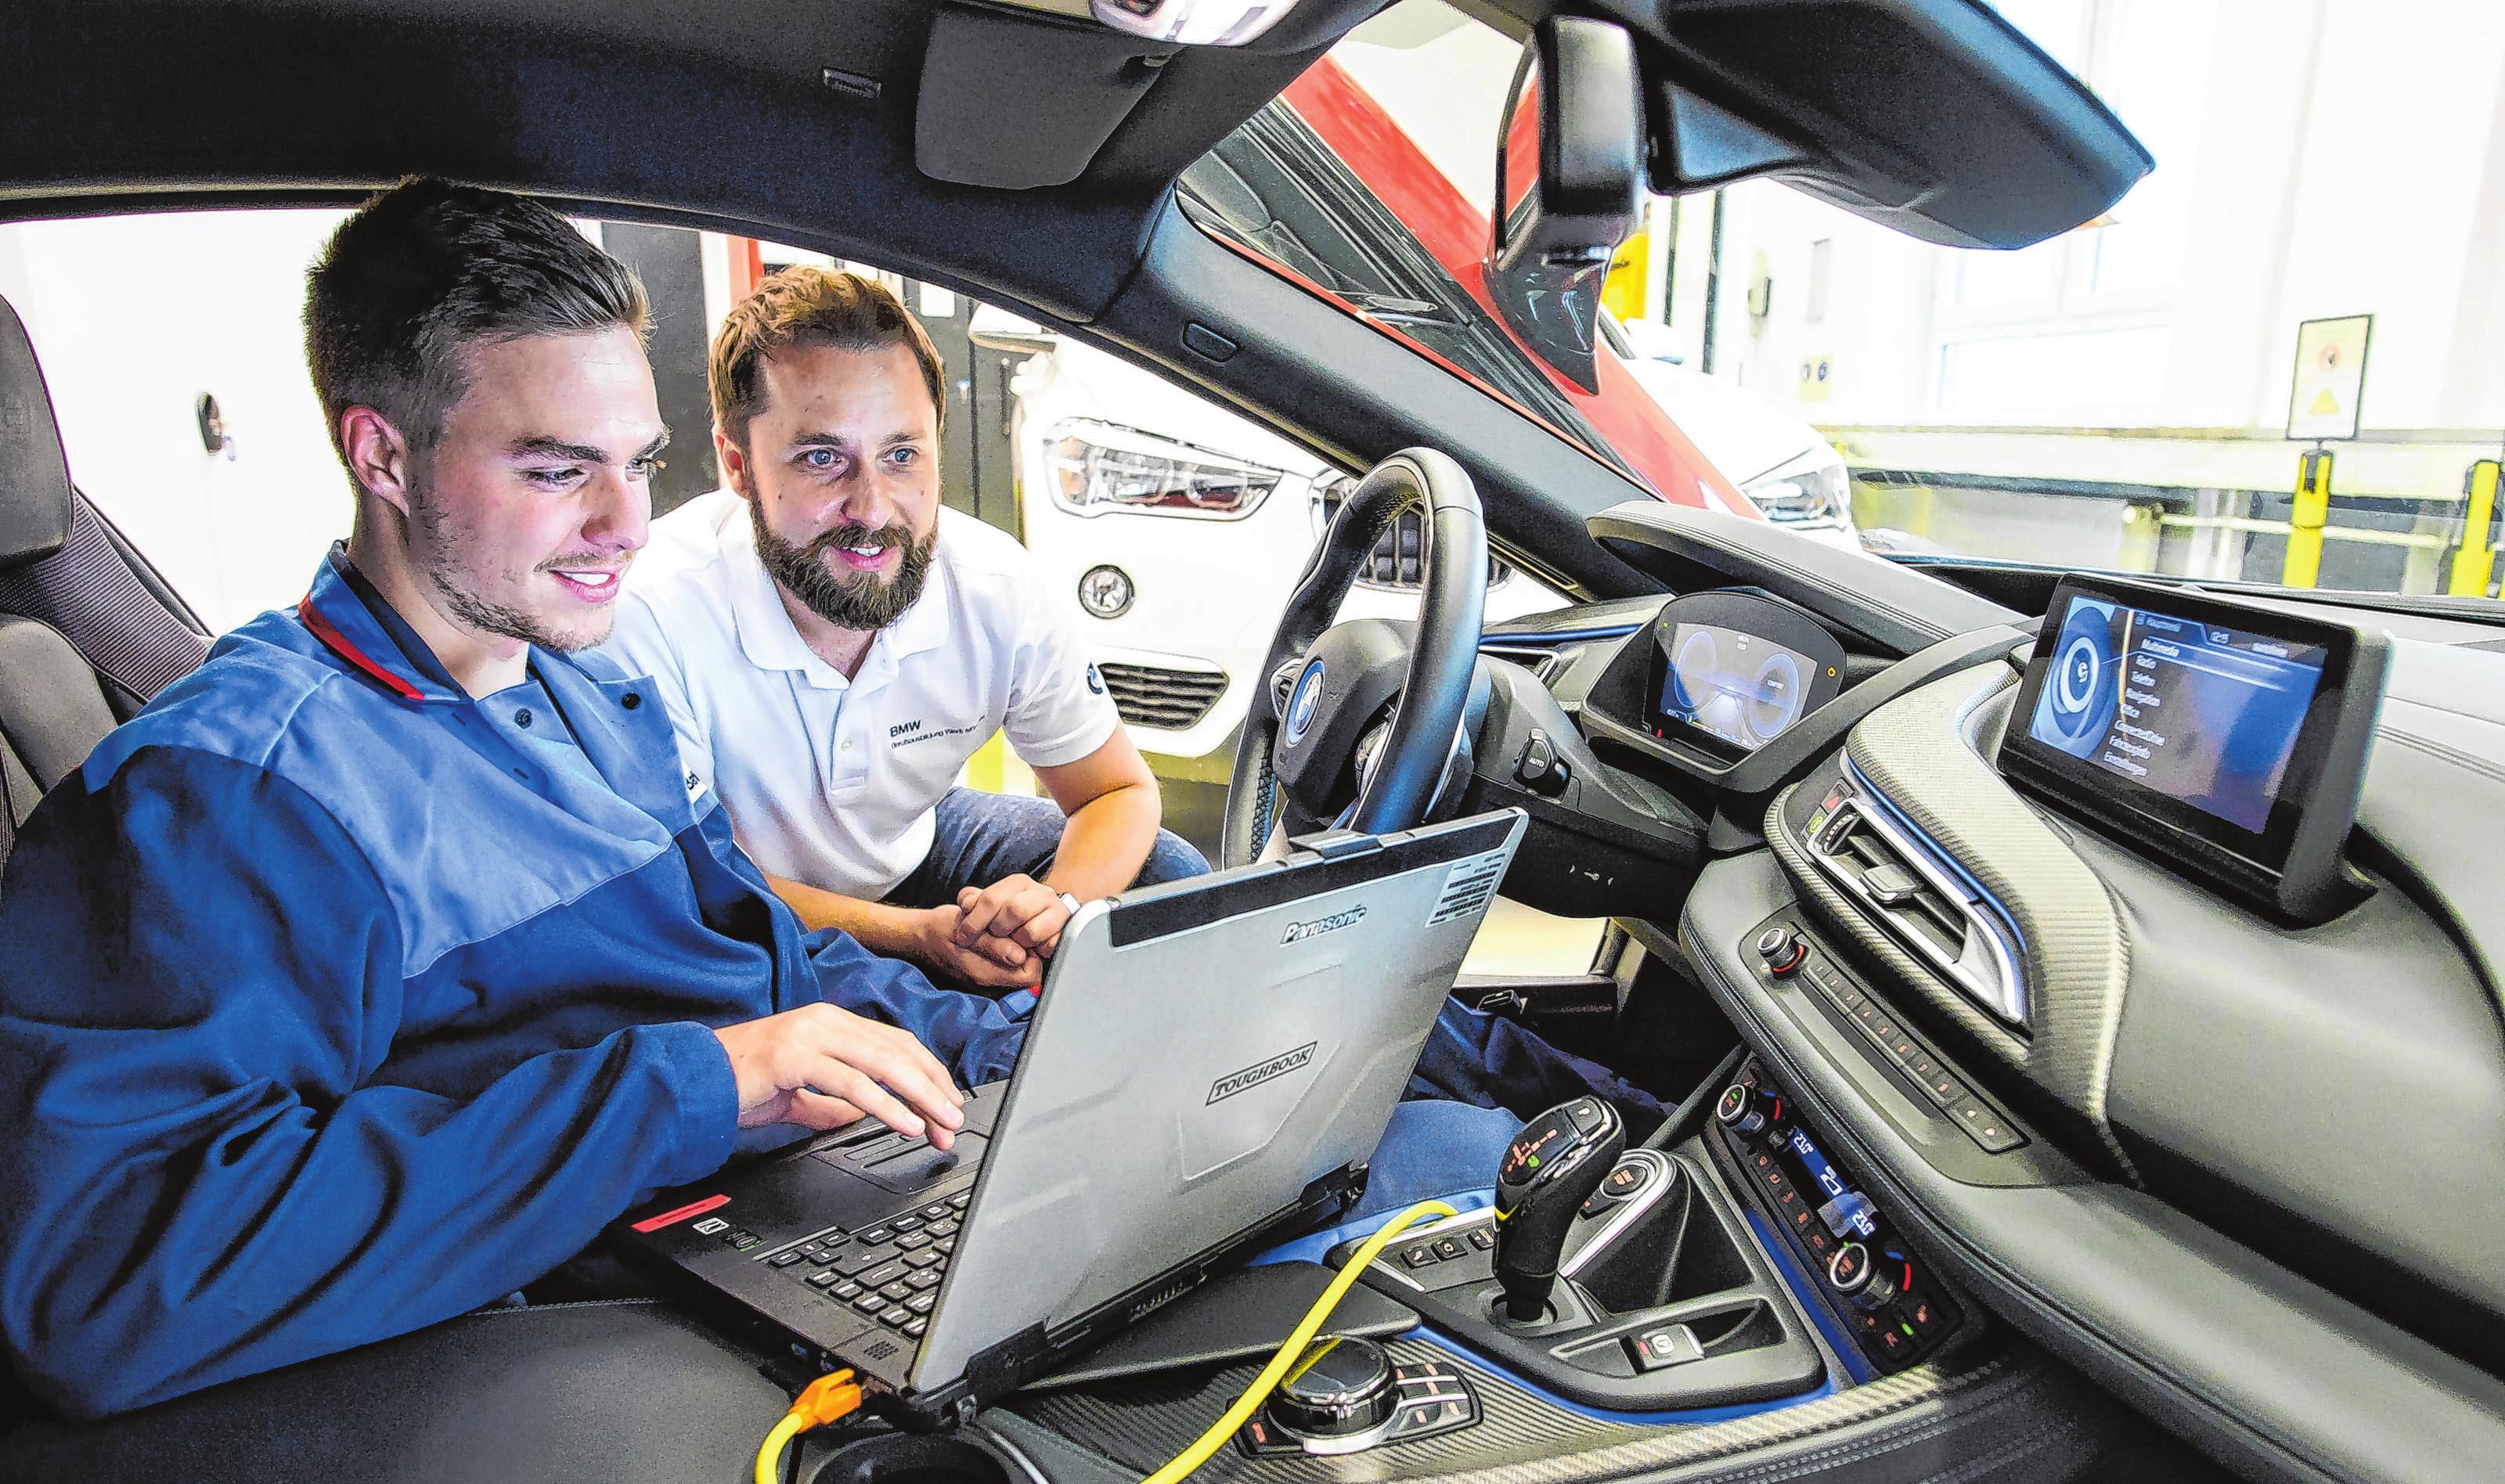 Keine reine Schrauberei: Kfz-Mechatroniker wie Andreas Batki (l, mit Ausbilder Florian Pachur) müssen auch sicher mit Computern umgehen können.Fotos: Jörg Koch/dpa-mag